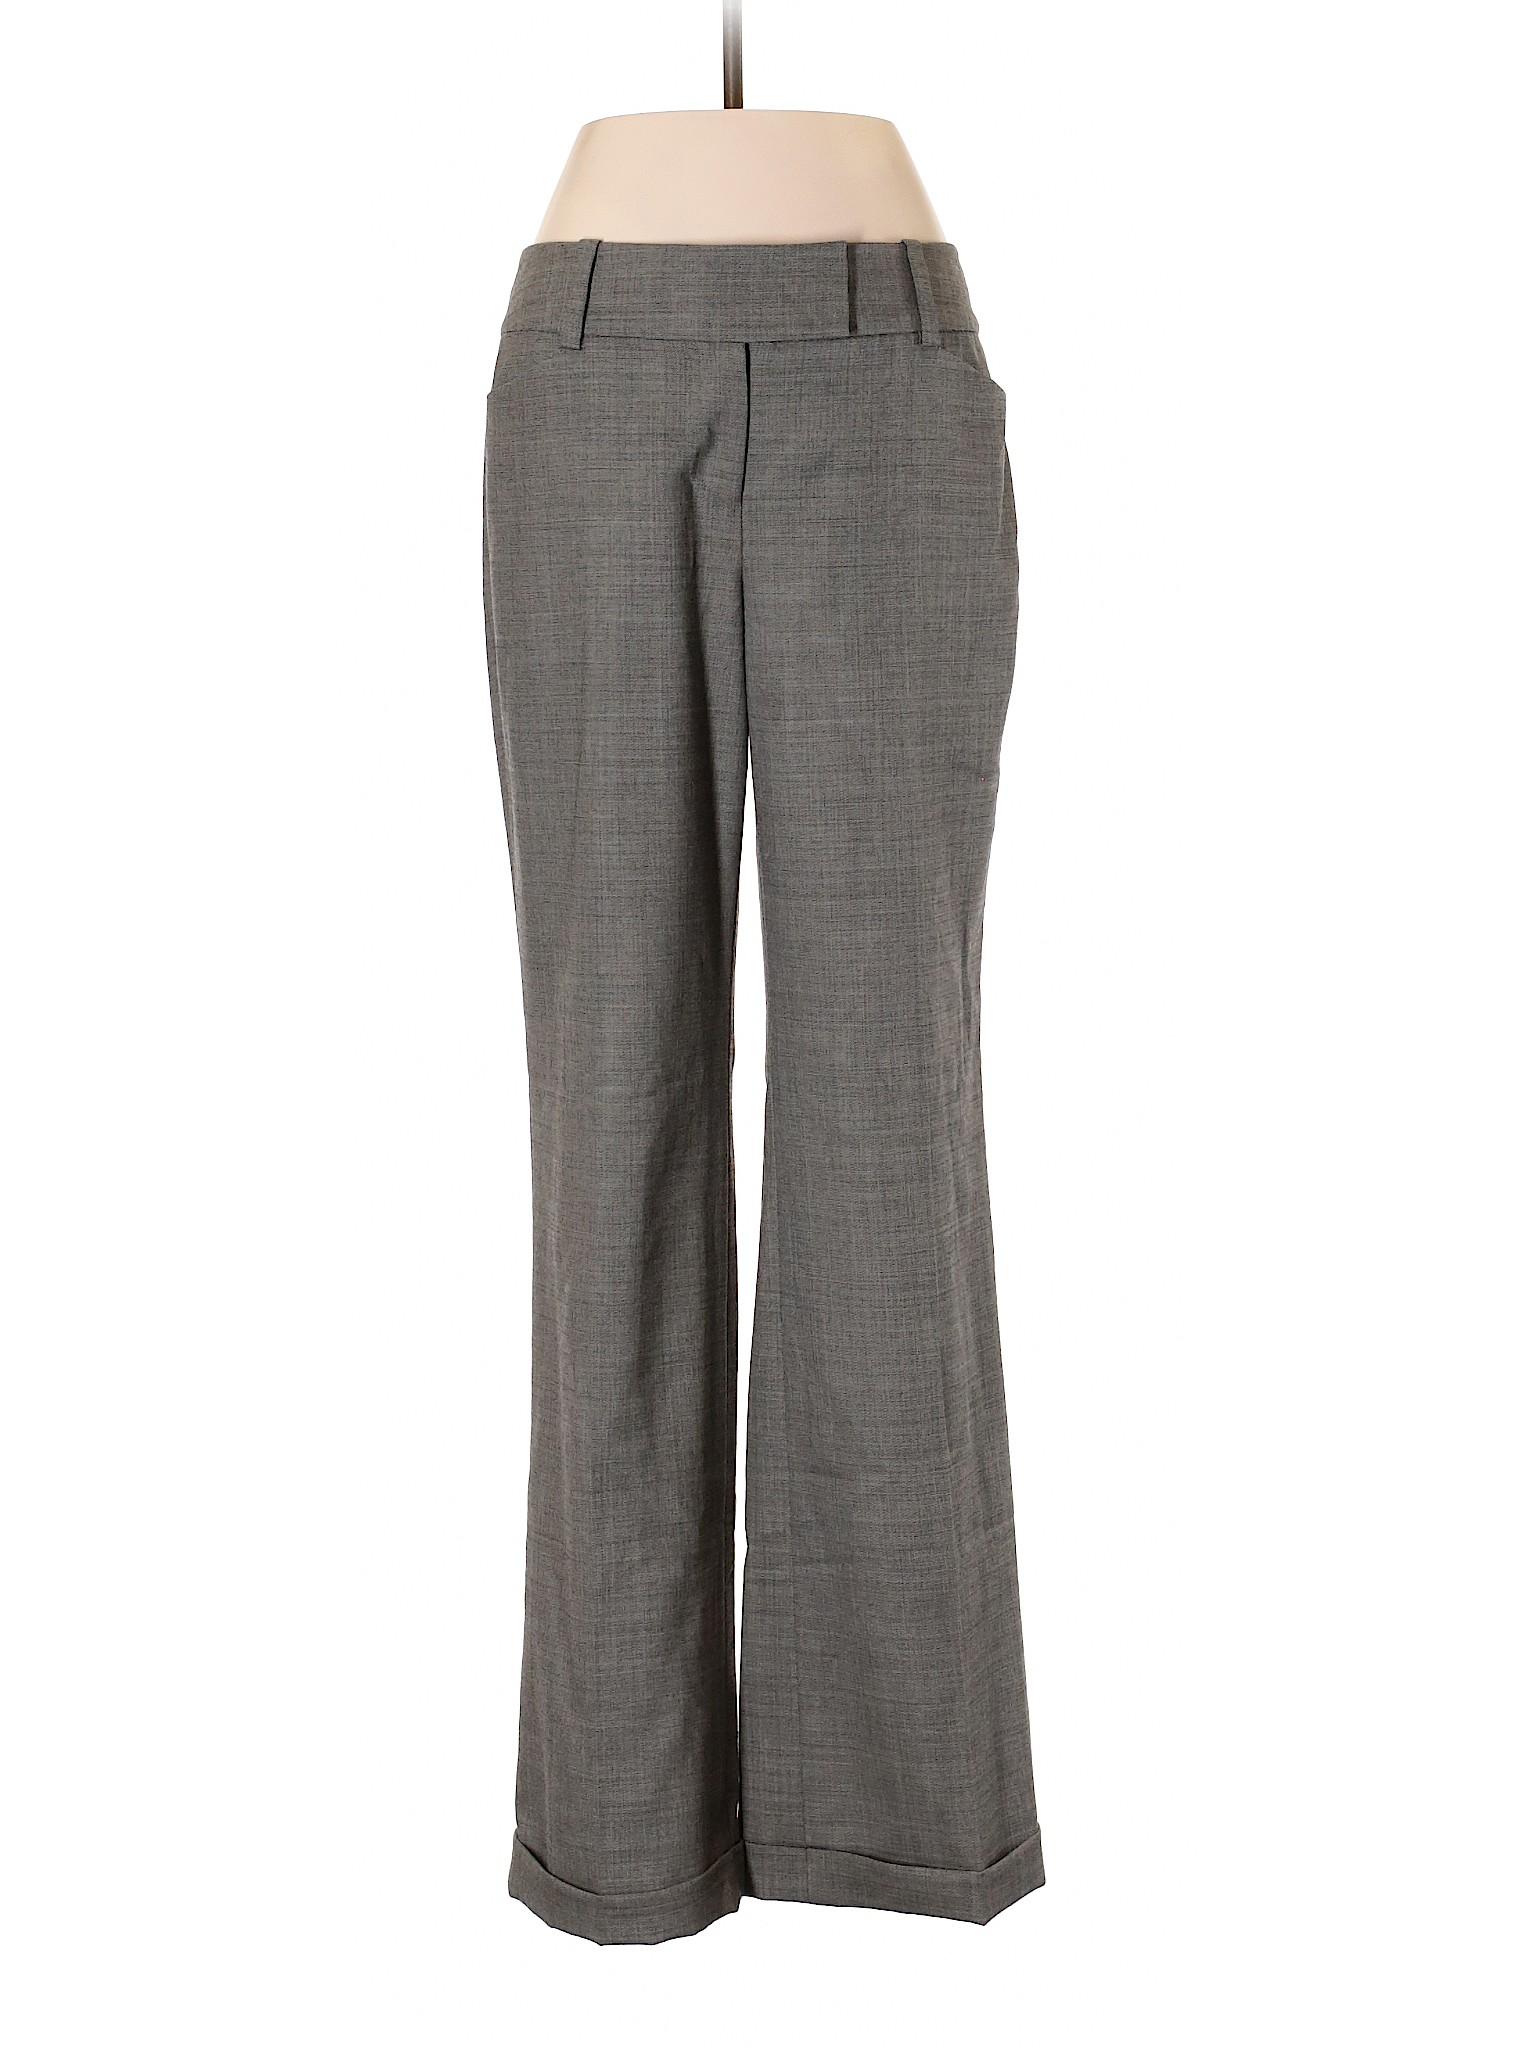 Taylor Wool Pants leisure Ann Boutique R6qwCUxZU1